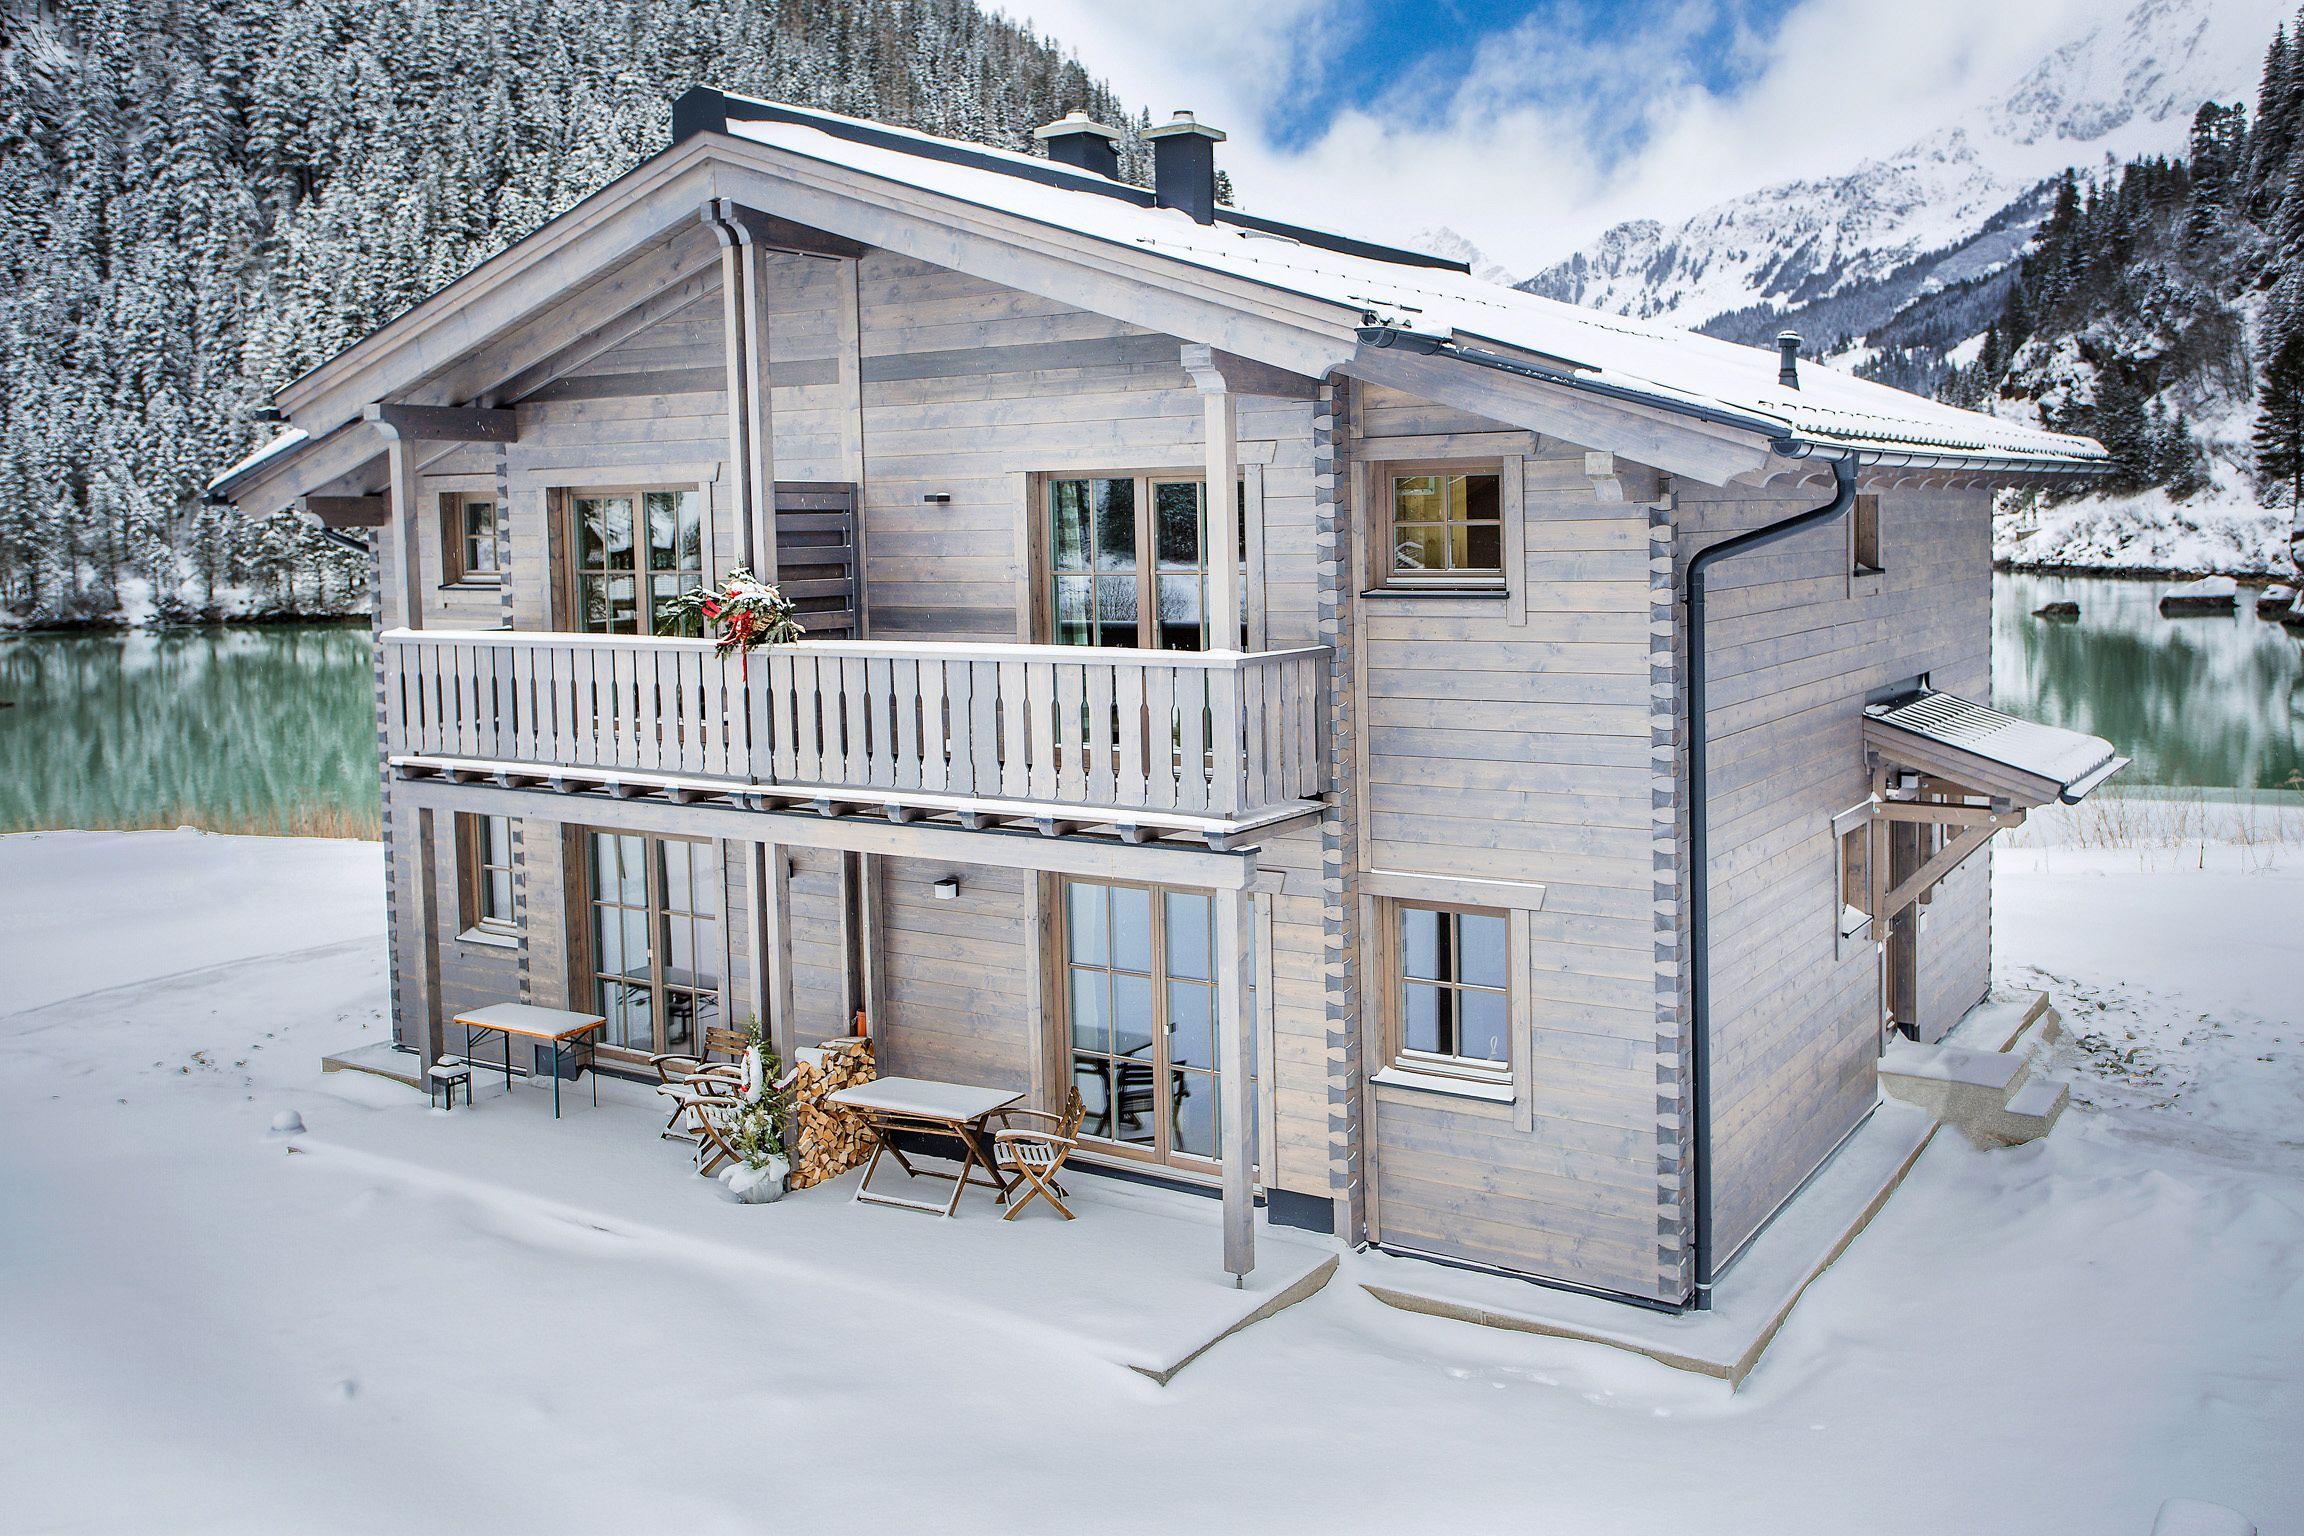 Maison de vacances Lodge Wildrose, direkt am Skilift für 6-8 (2050392), Uttendorf, Pinzgau, Salzbourg, Autriche, image 3